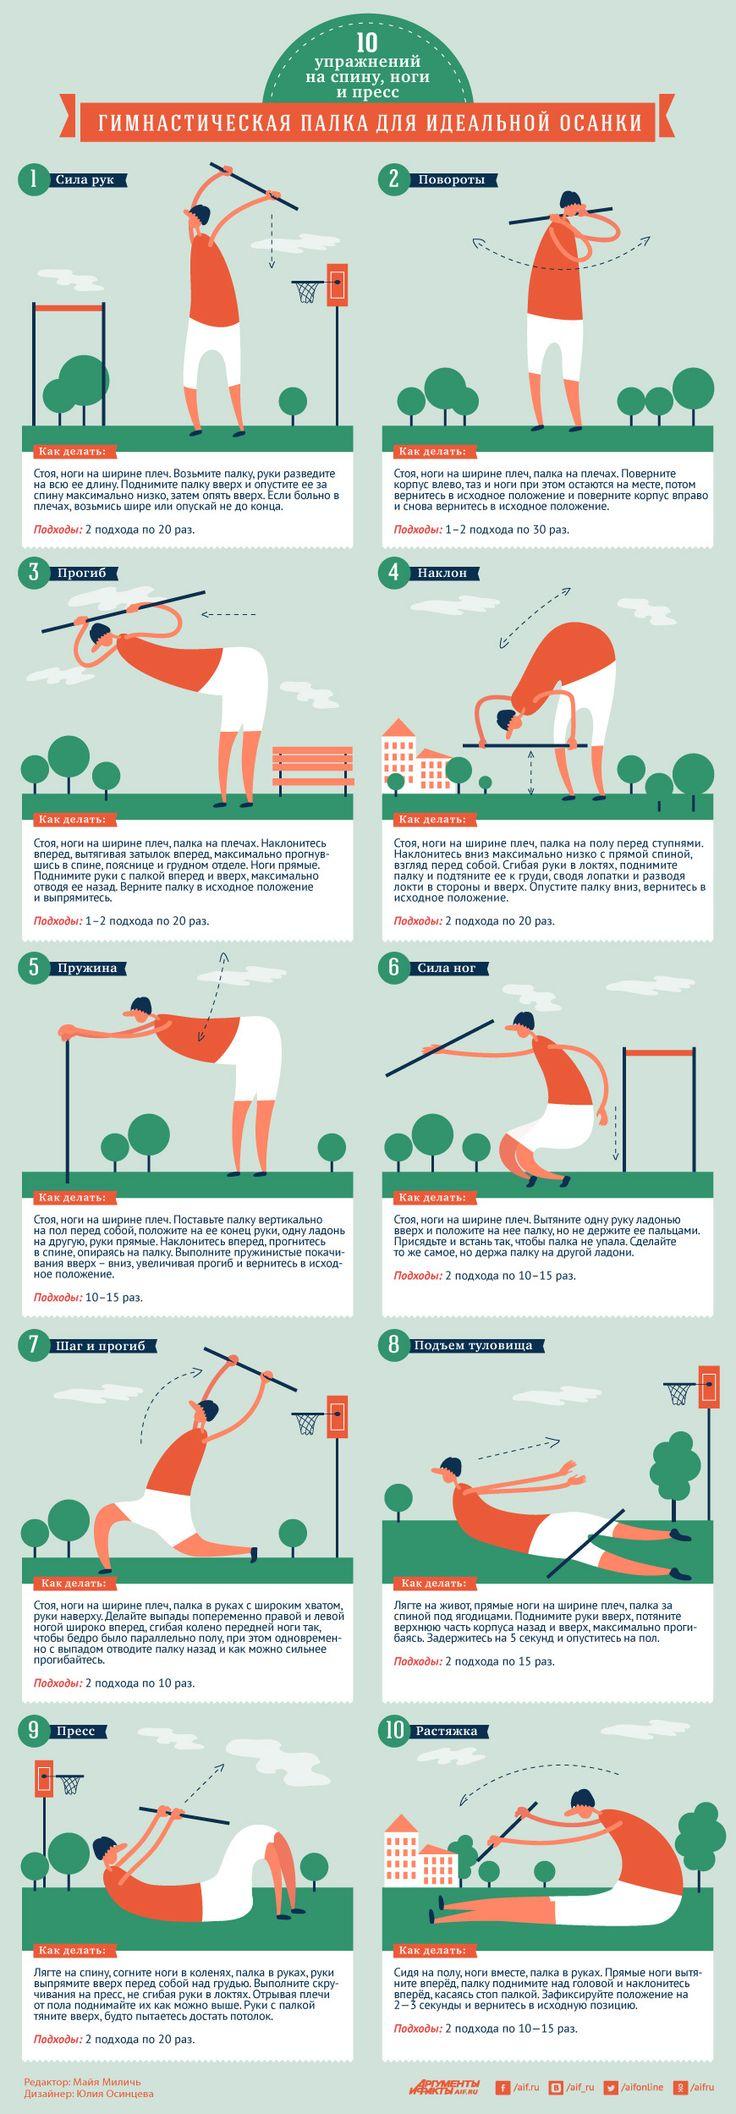 Гимнастическая палка для осанки: 10 упражнений на спину, ноги и пресс | Инфографика | Аргументы и Факты